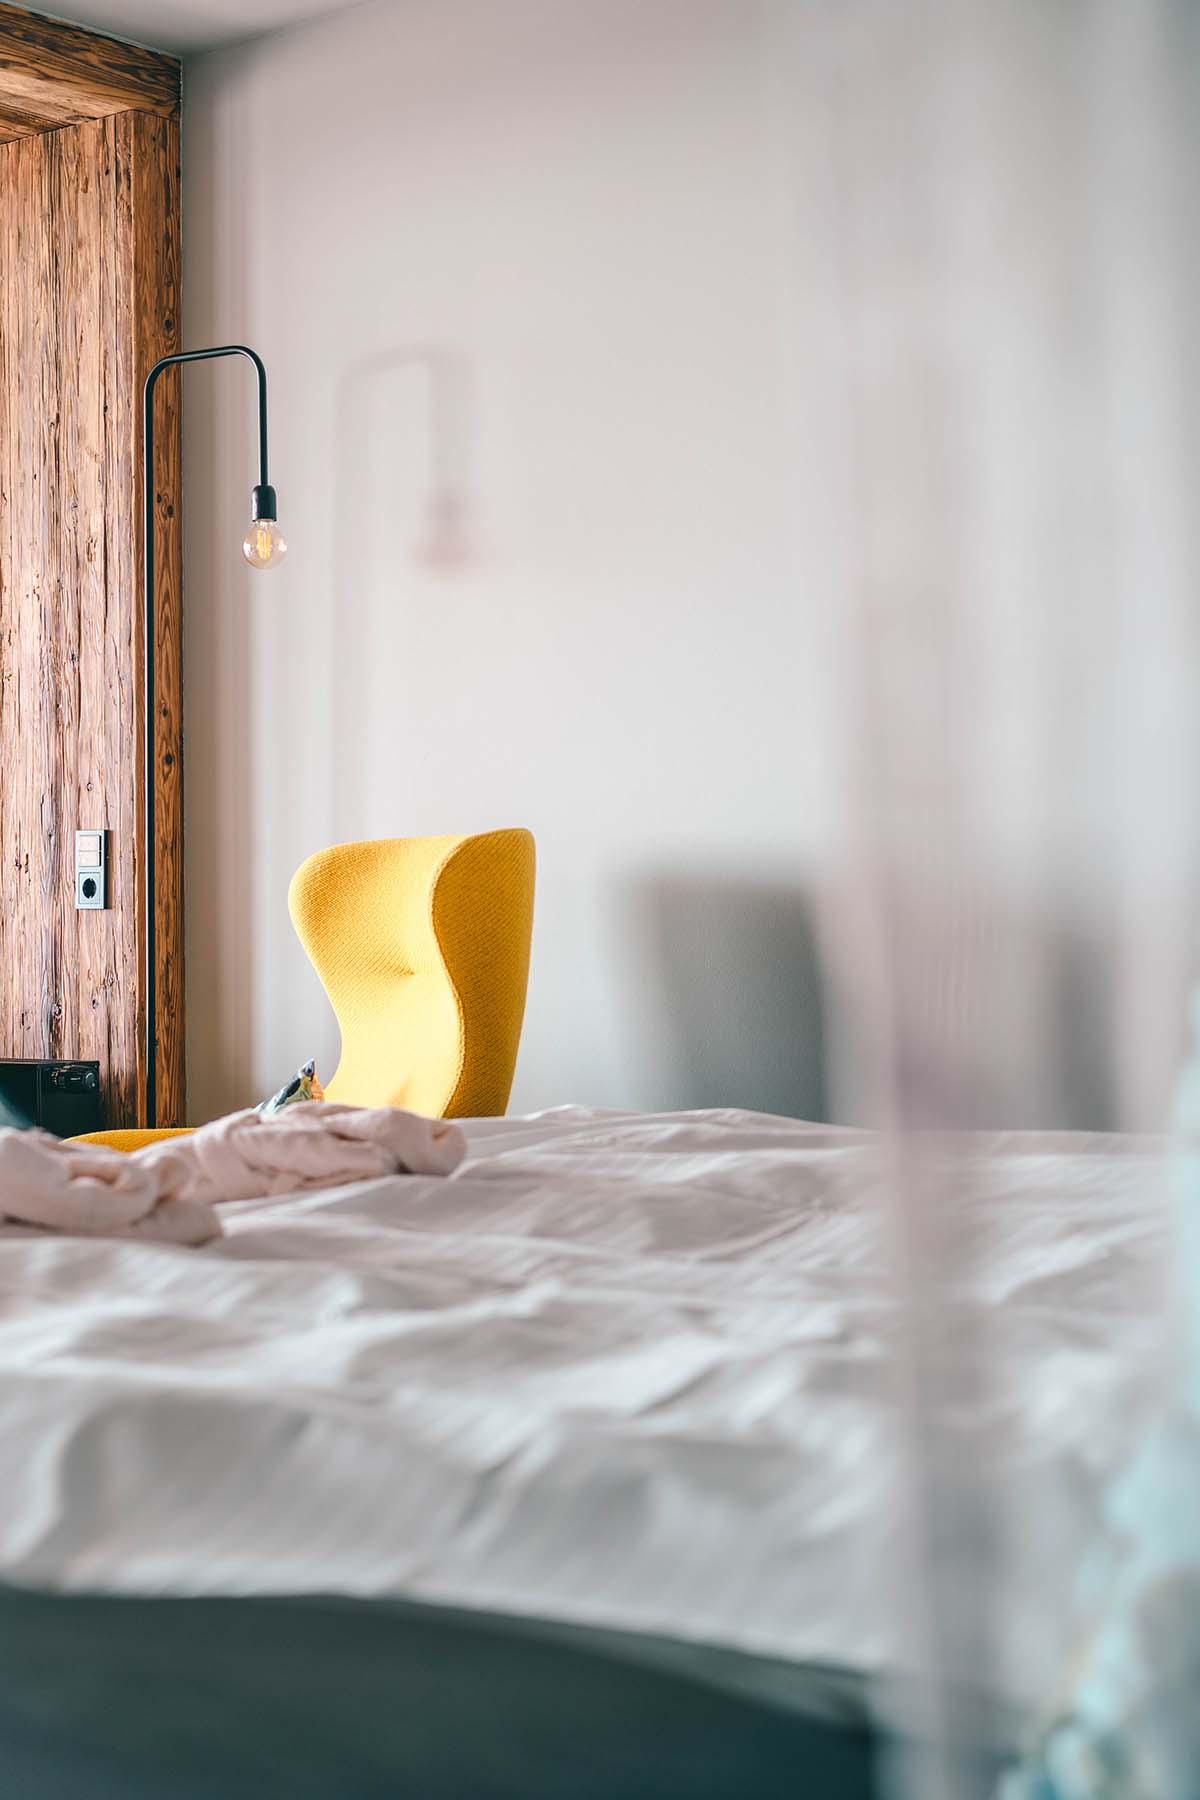 wellnesshotel-huettenhof-bett-stuhl